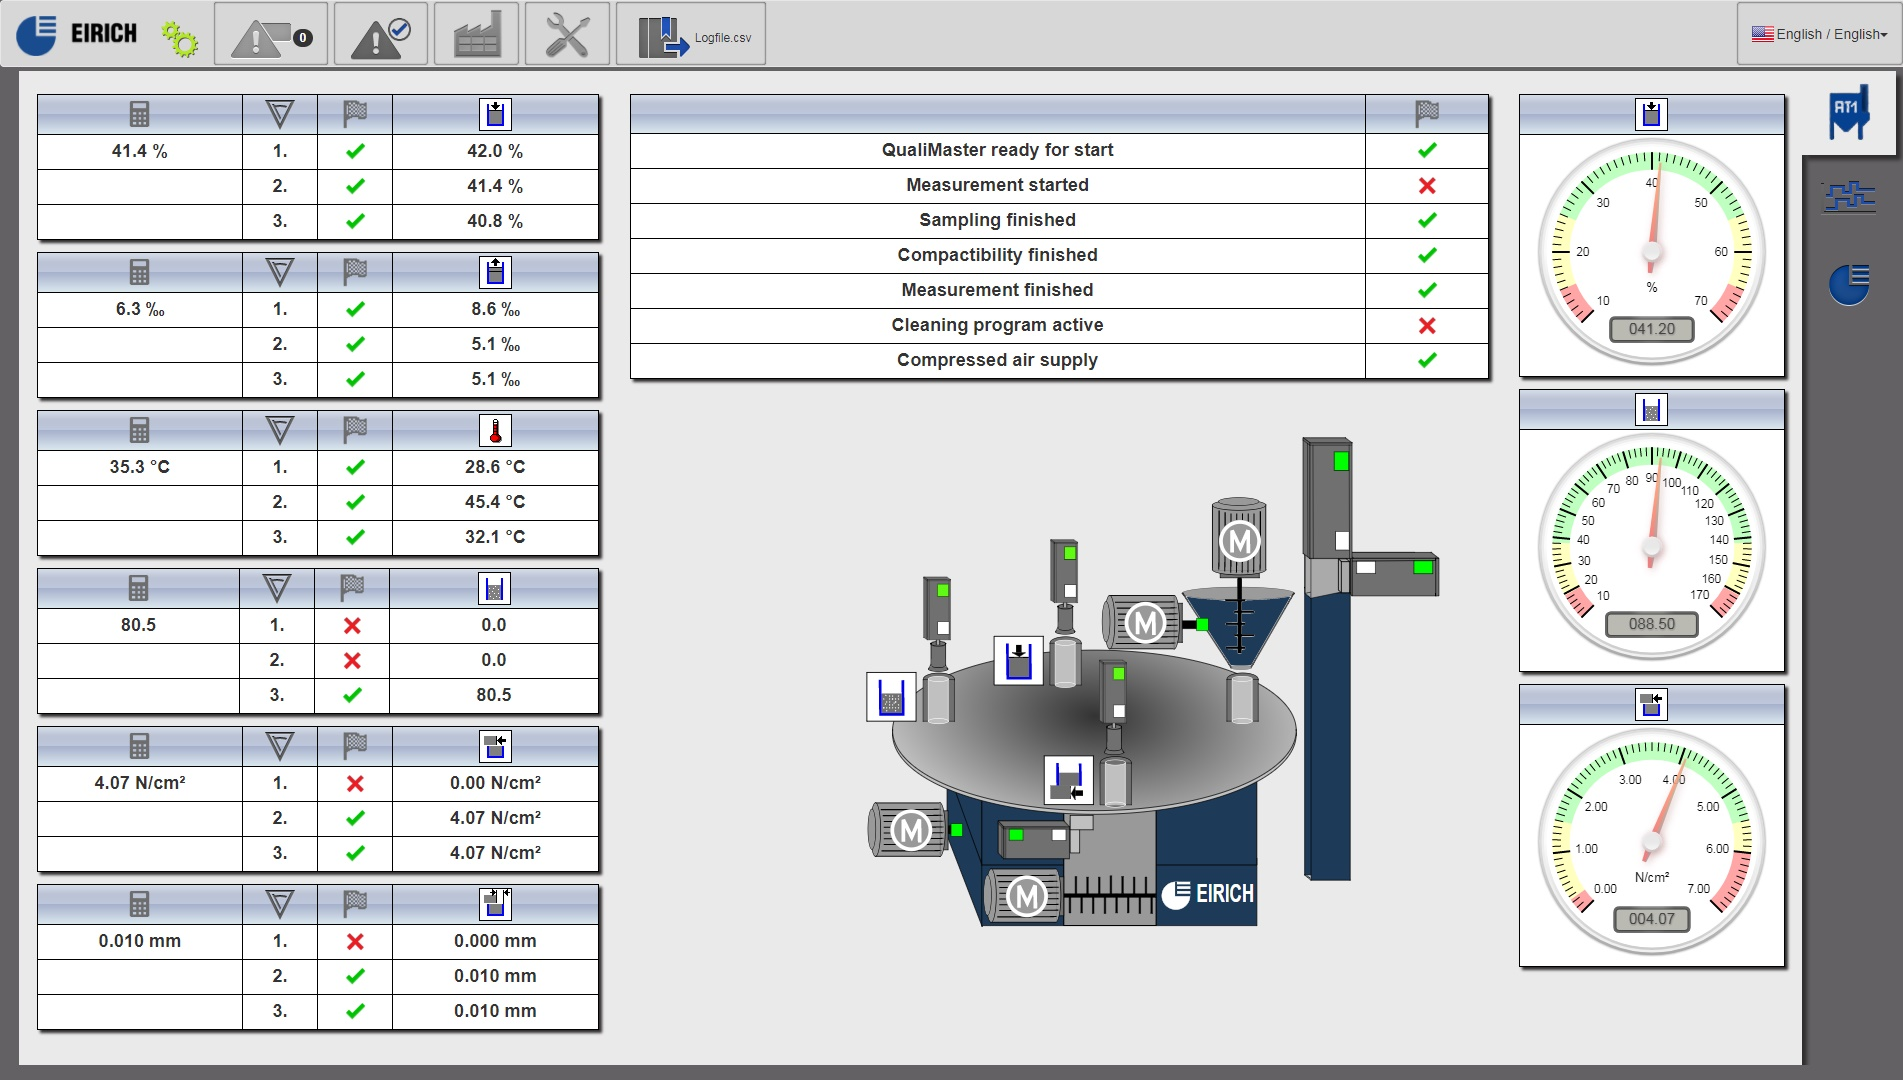 Bild 12: Touch-Panel zur Bedienung am QualiMaster AT1 (Maschinenfabrik Gustav Eirich GmbH & Co KG)